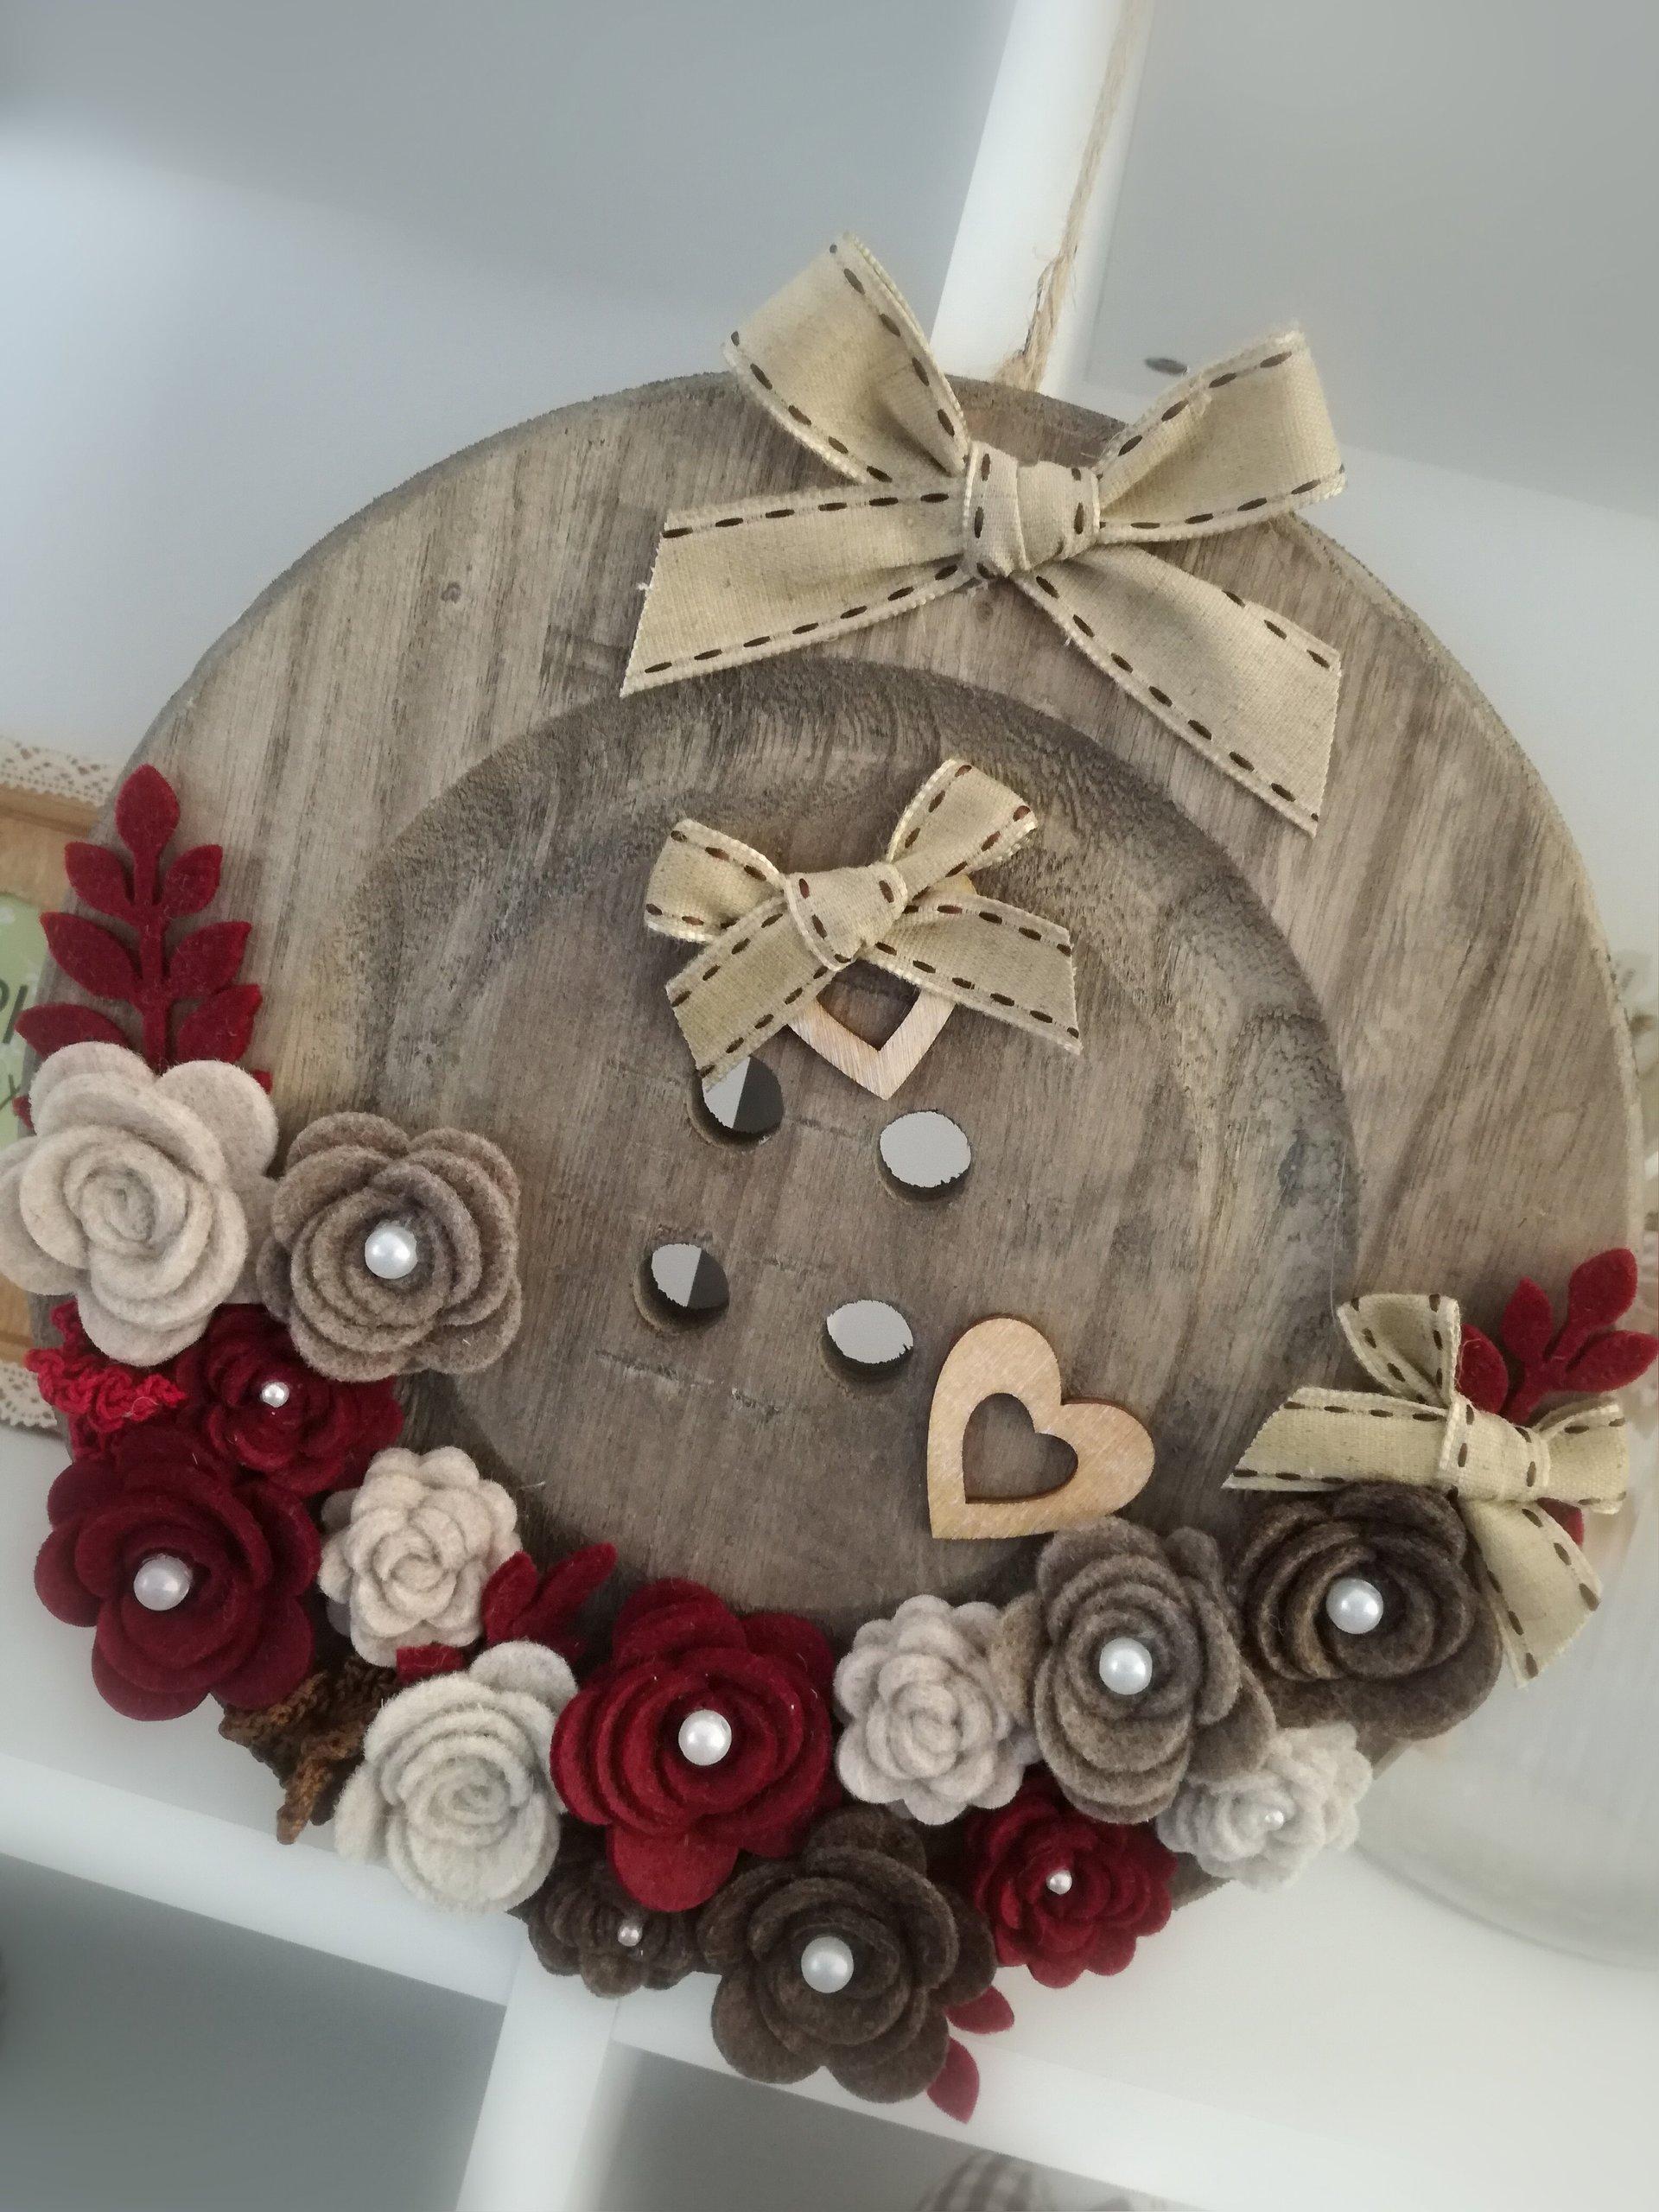 ghirlanda in legno con inserti di fiori rossi e cuoricini